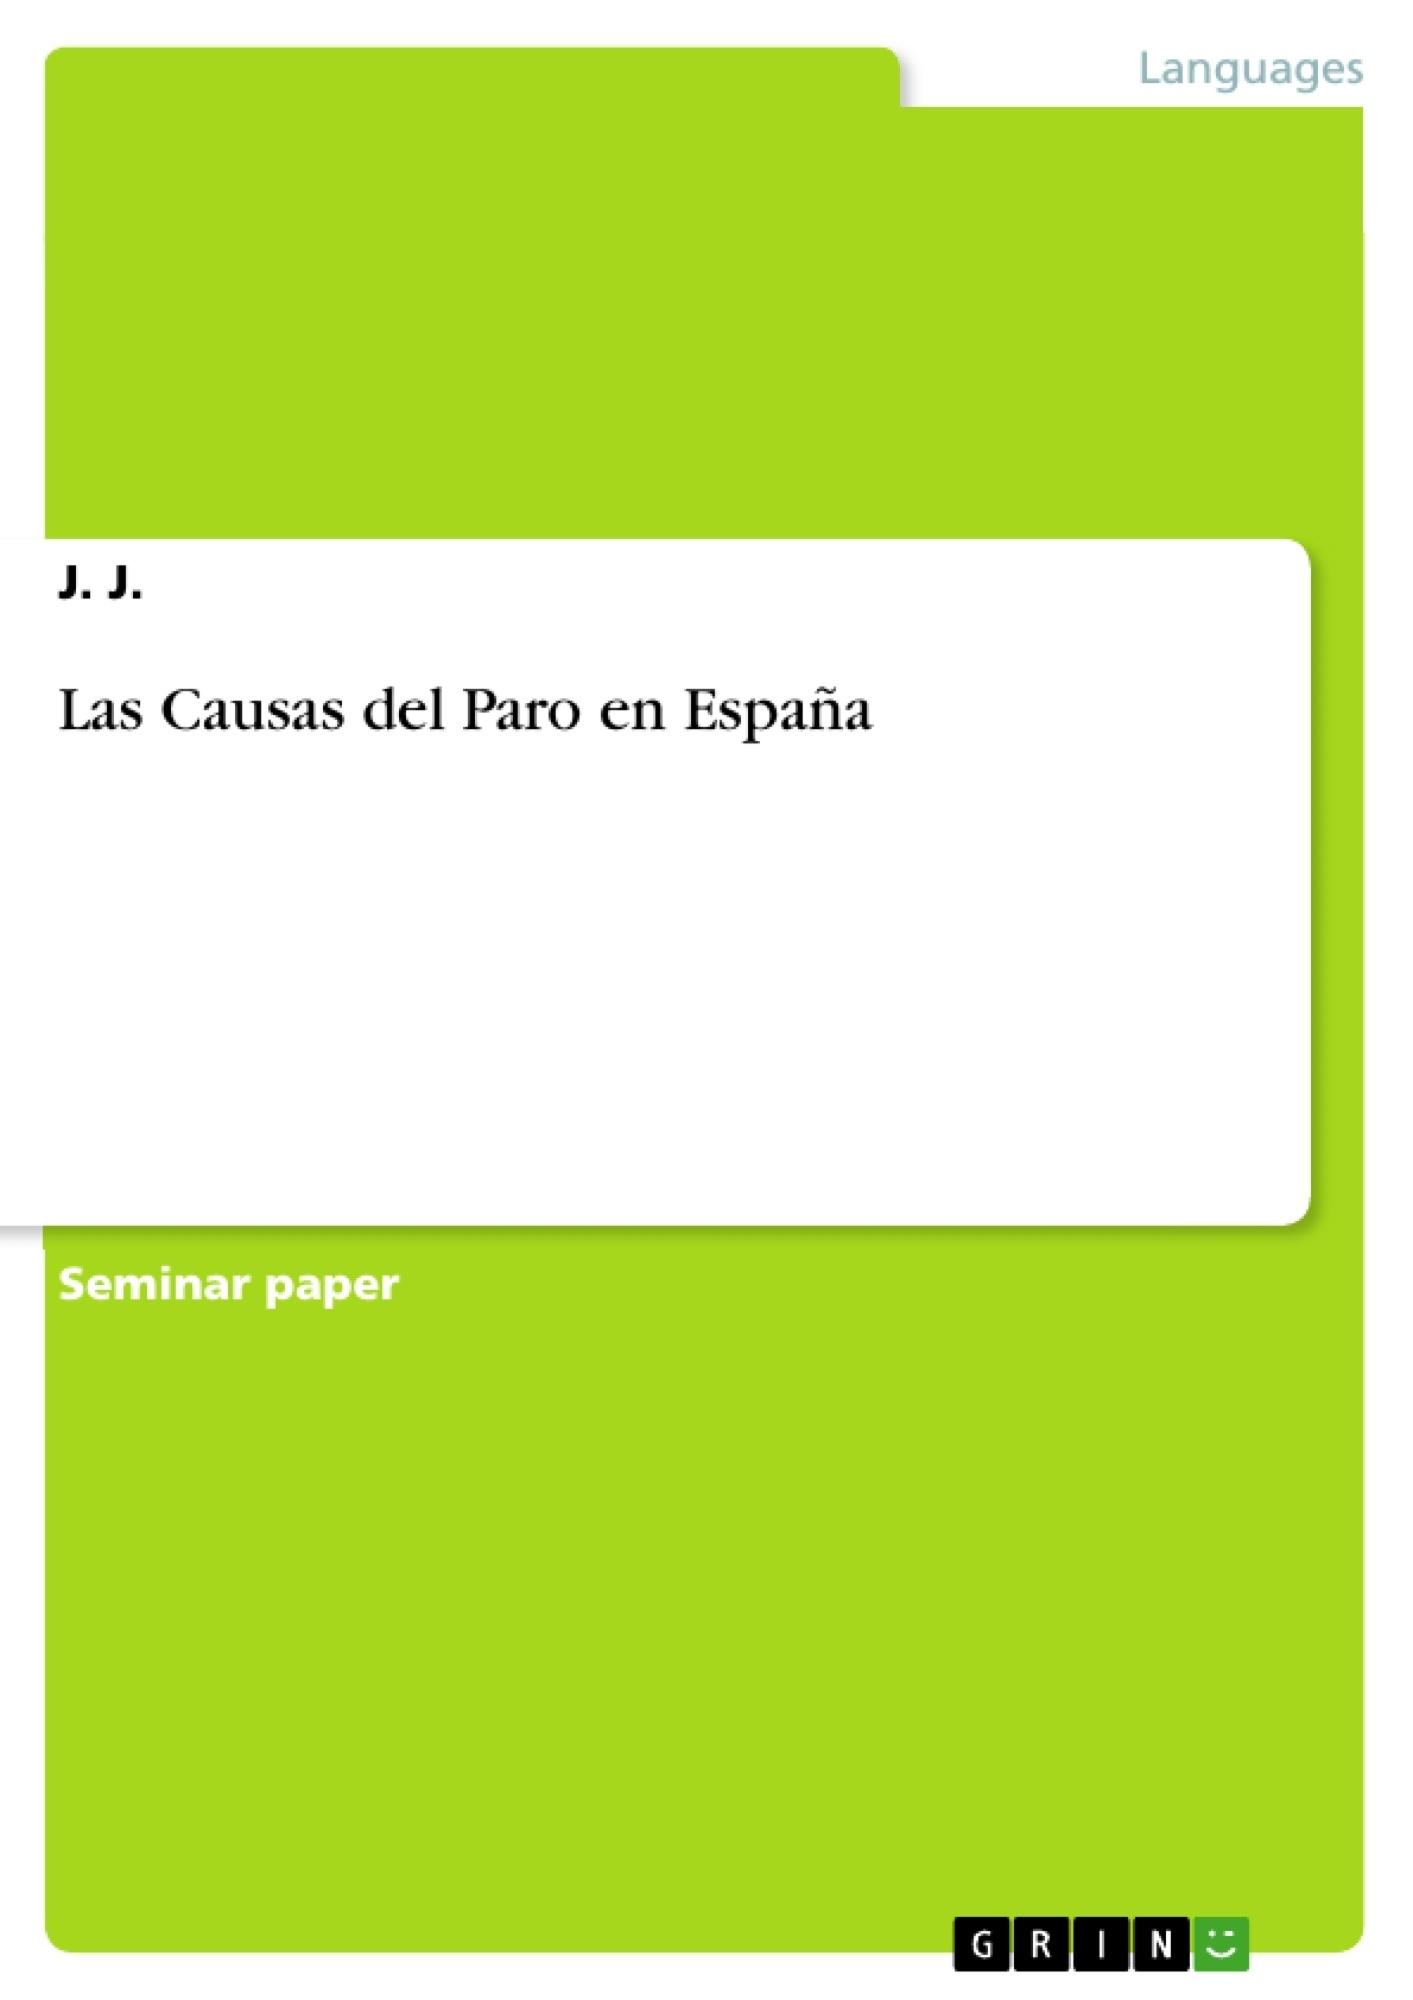 Título: Las Causas del Paro en España